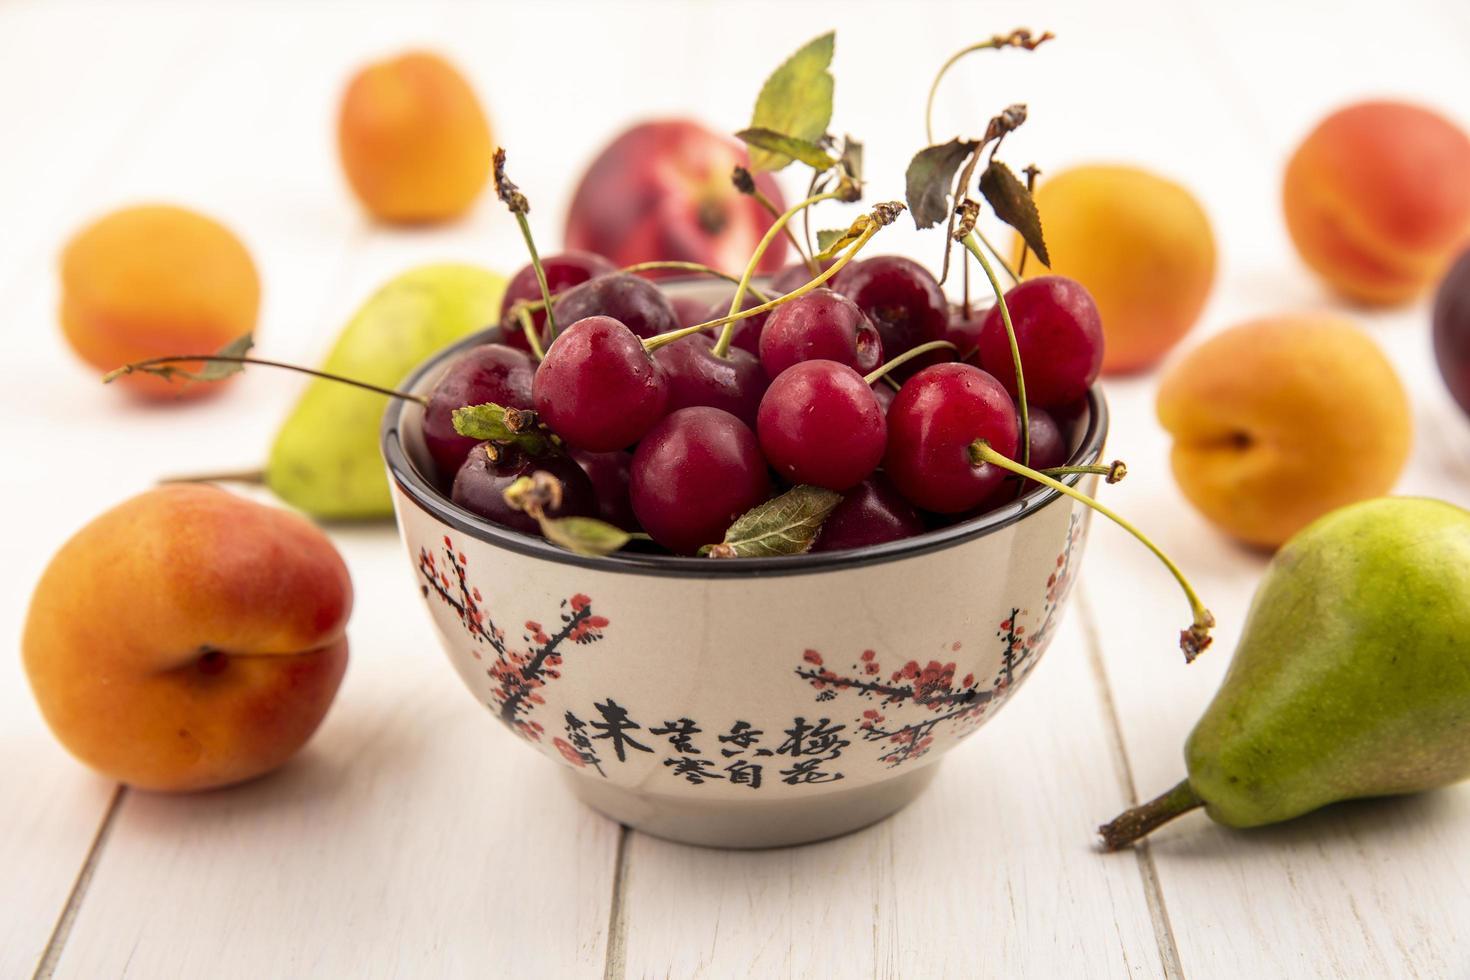 ciotola di ciliegie con frutta su fondo in legno foto